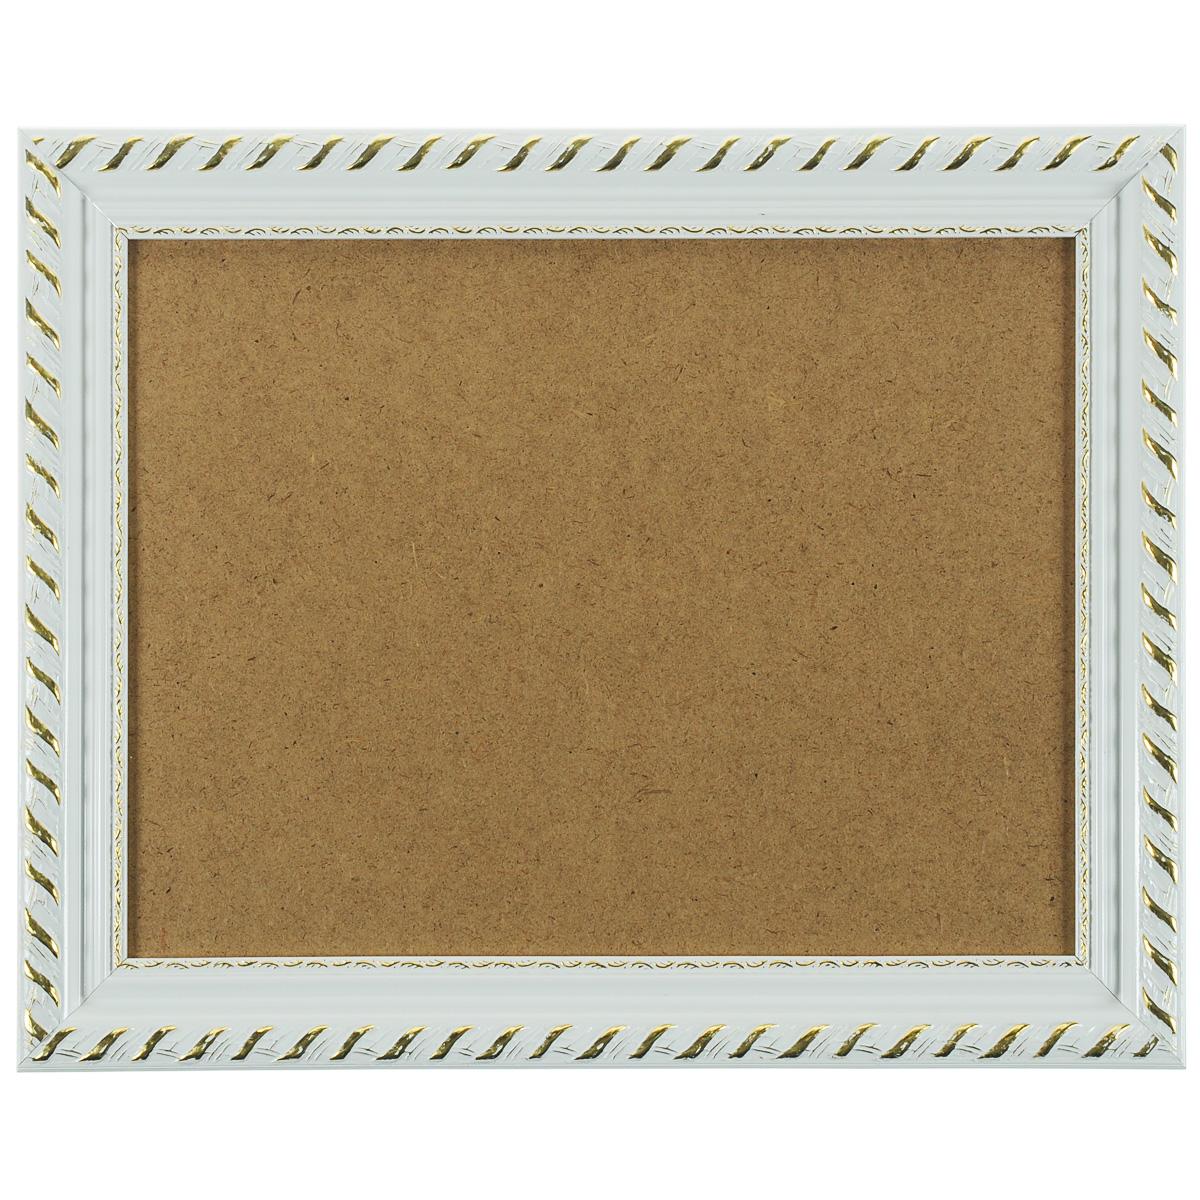 Багетная рама Kleopatra, цвет: белый, 30 х 40 см 1595-BL1595-BL Kleopatra (белый)Багетная рама Kleopatra изготовлена из дерева. Багетные рамы предназначены для оформления картин, вышивок и фотографий.Оформленное изделие всегда становится более выразительным и гармоничным. Подбор багета для картин очень важен - от этого зависит, какое значение будет иметь выполненная работа в вашем интерьере. Если вы используете раму для оформления живописи на холсте, следует учесть, что толщина подрамника больше толщины рамы и сзади будет выступать, рекомендуется дополнительно зафиксировать картину клеем, лист-заглушку в этом случае не вставляют. В комплекте - крепежные элементы, с помощью которых изделие можно подвесить на стену и задник. Размер картины: 30 см х 40 см.Размер рамы: 38 см х 48 см х 2 см.